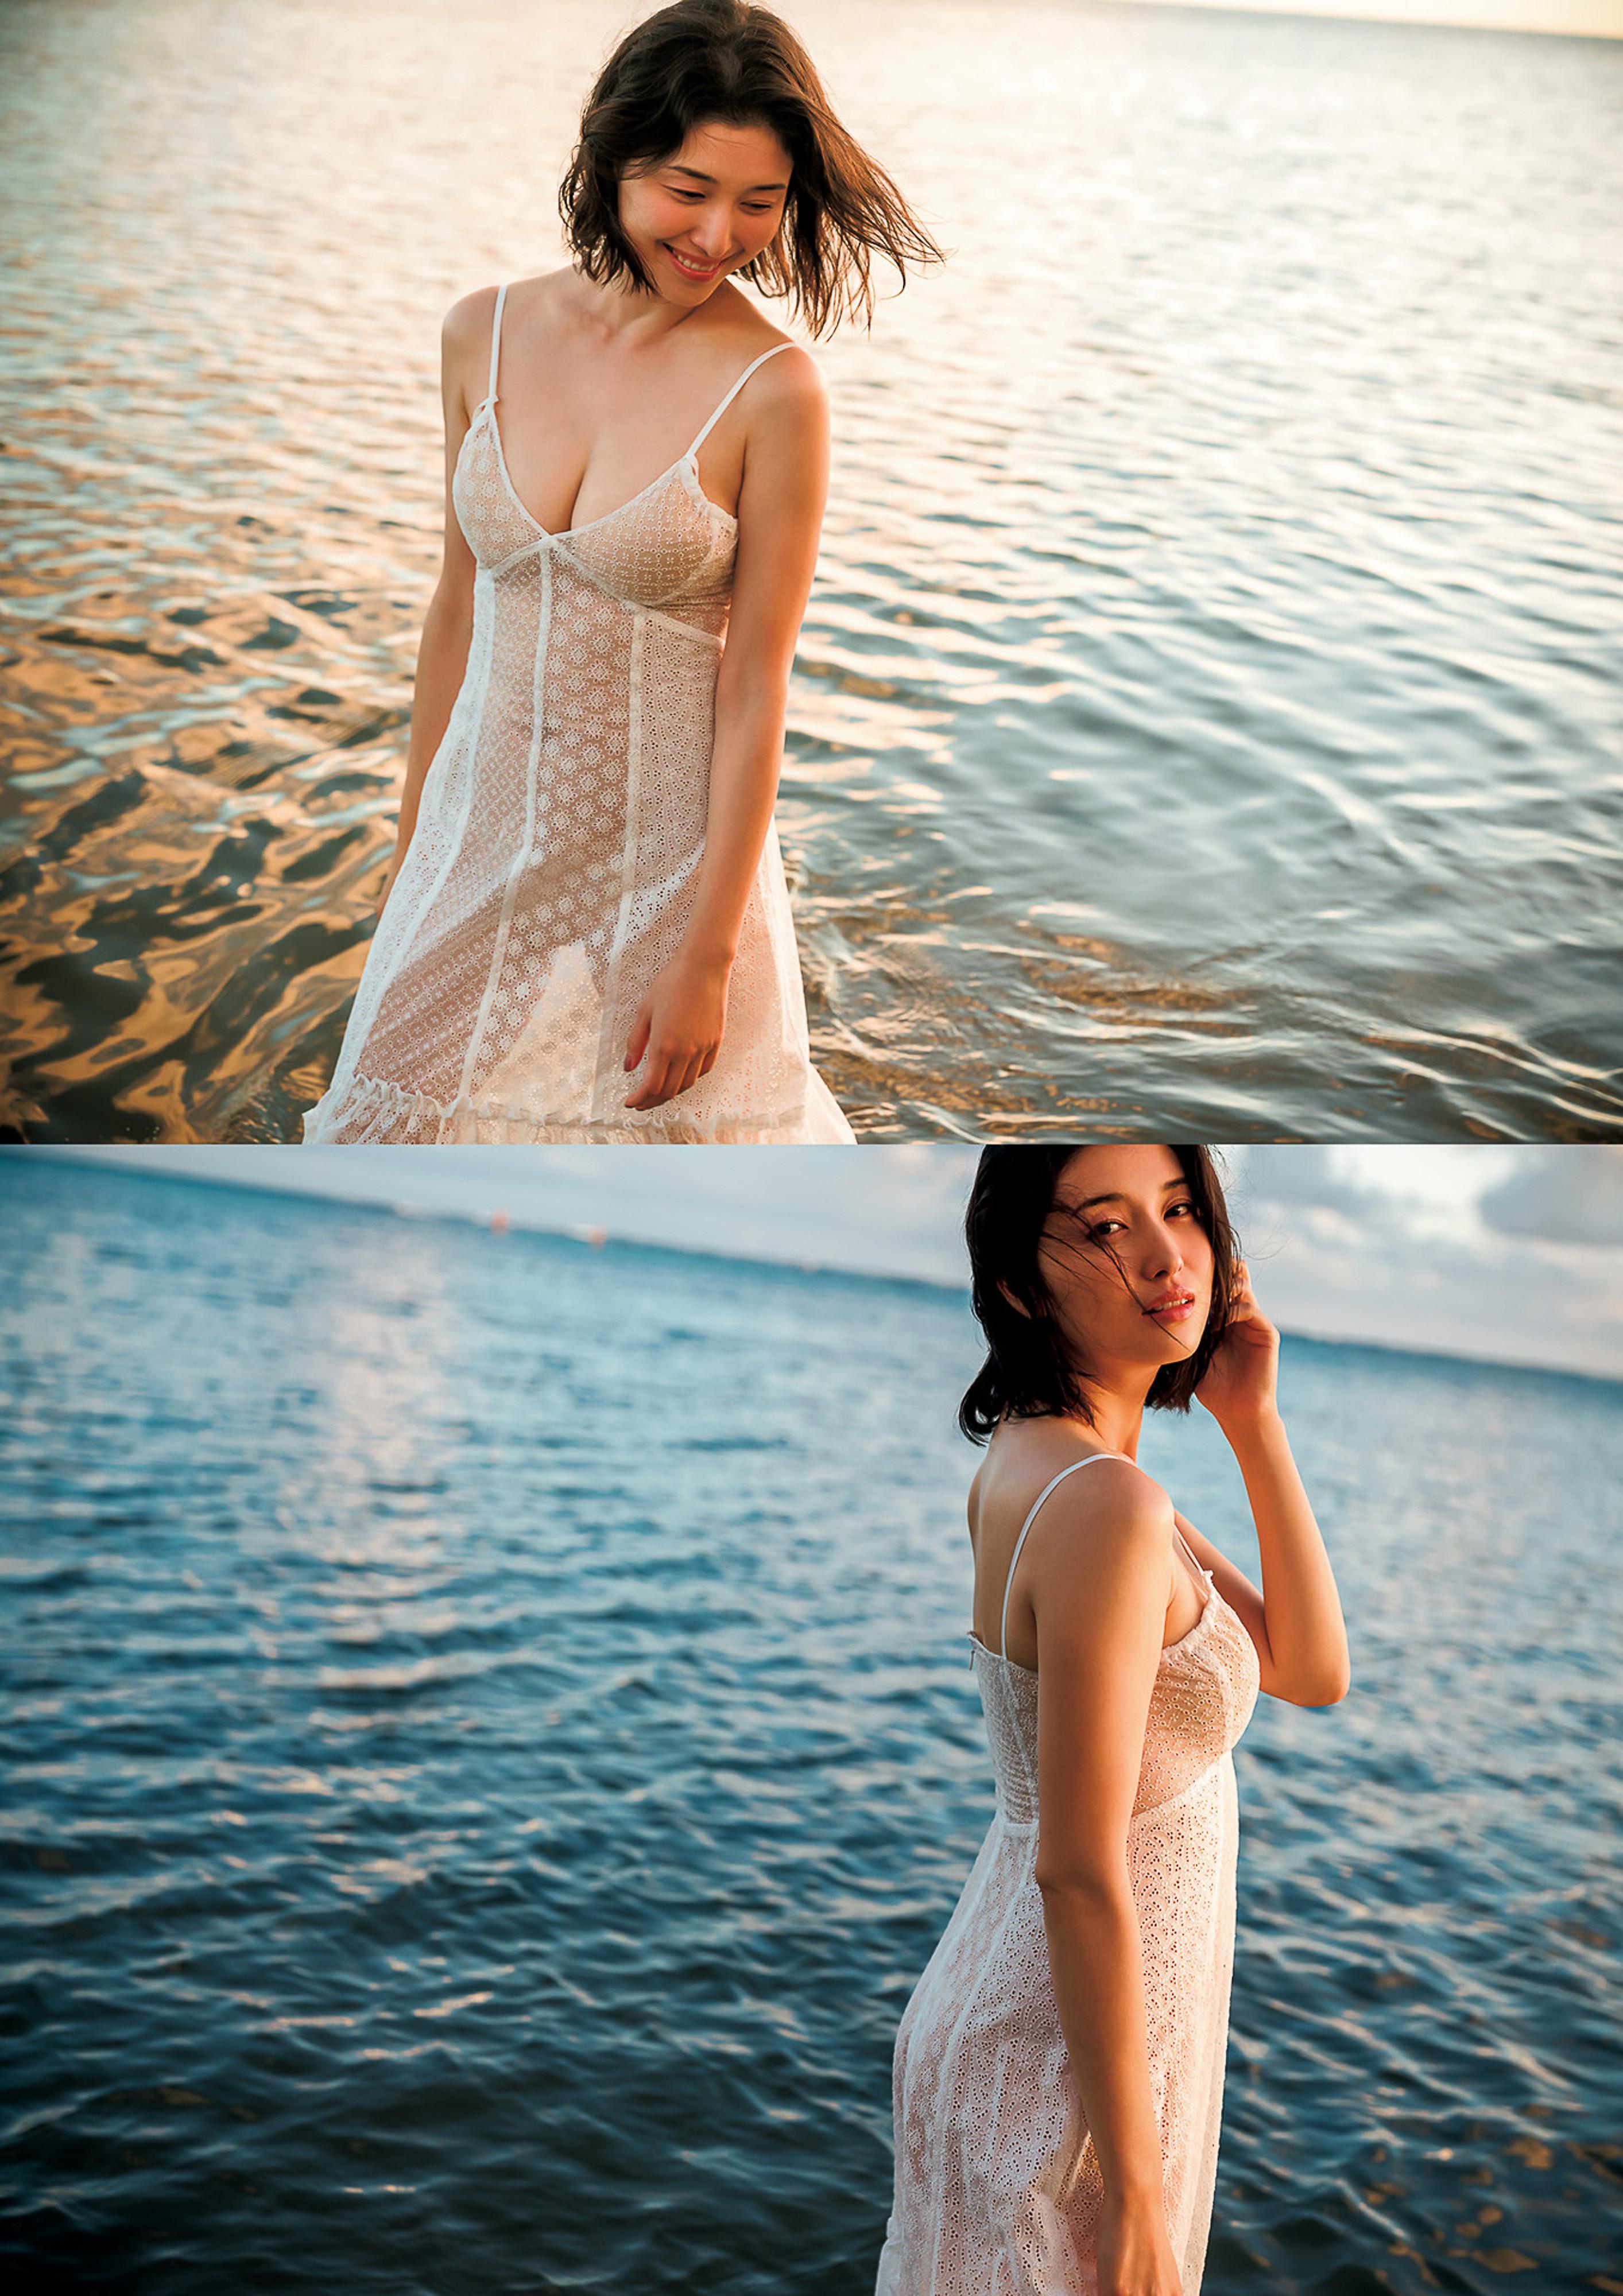 Hashimoto-Manami-db-hugging-in-Hawaii-144